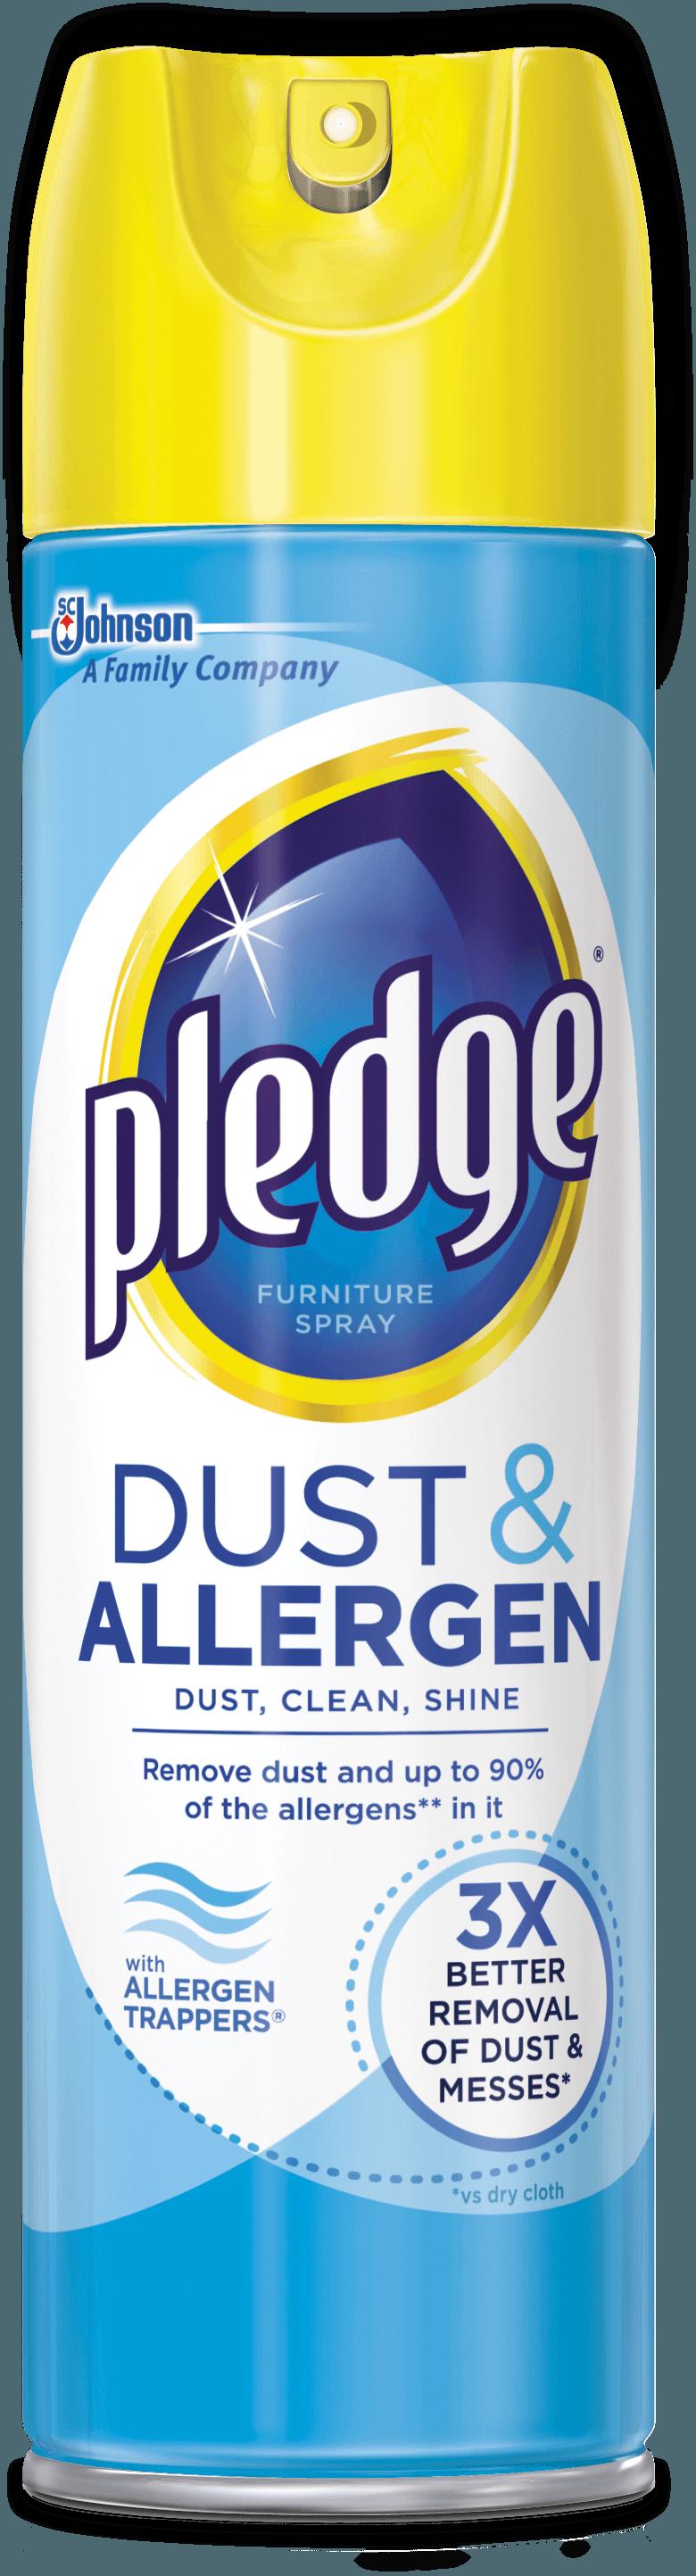 Dust u0026 Allergen Furniture Spray - Dust Rag PNG